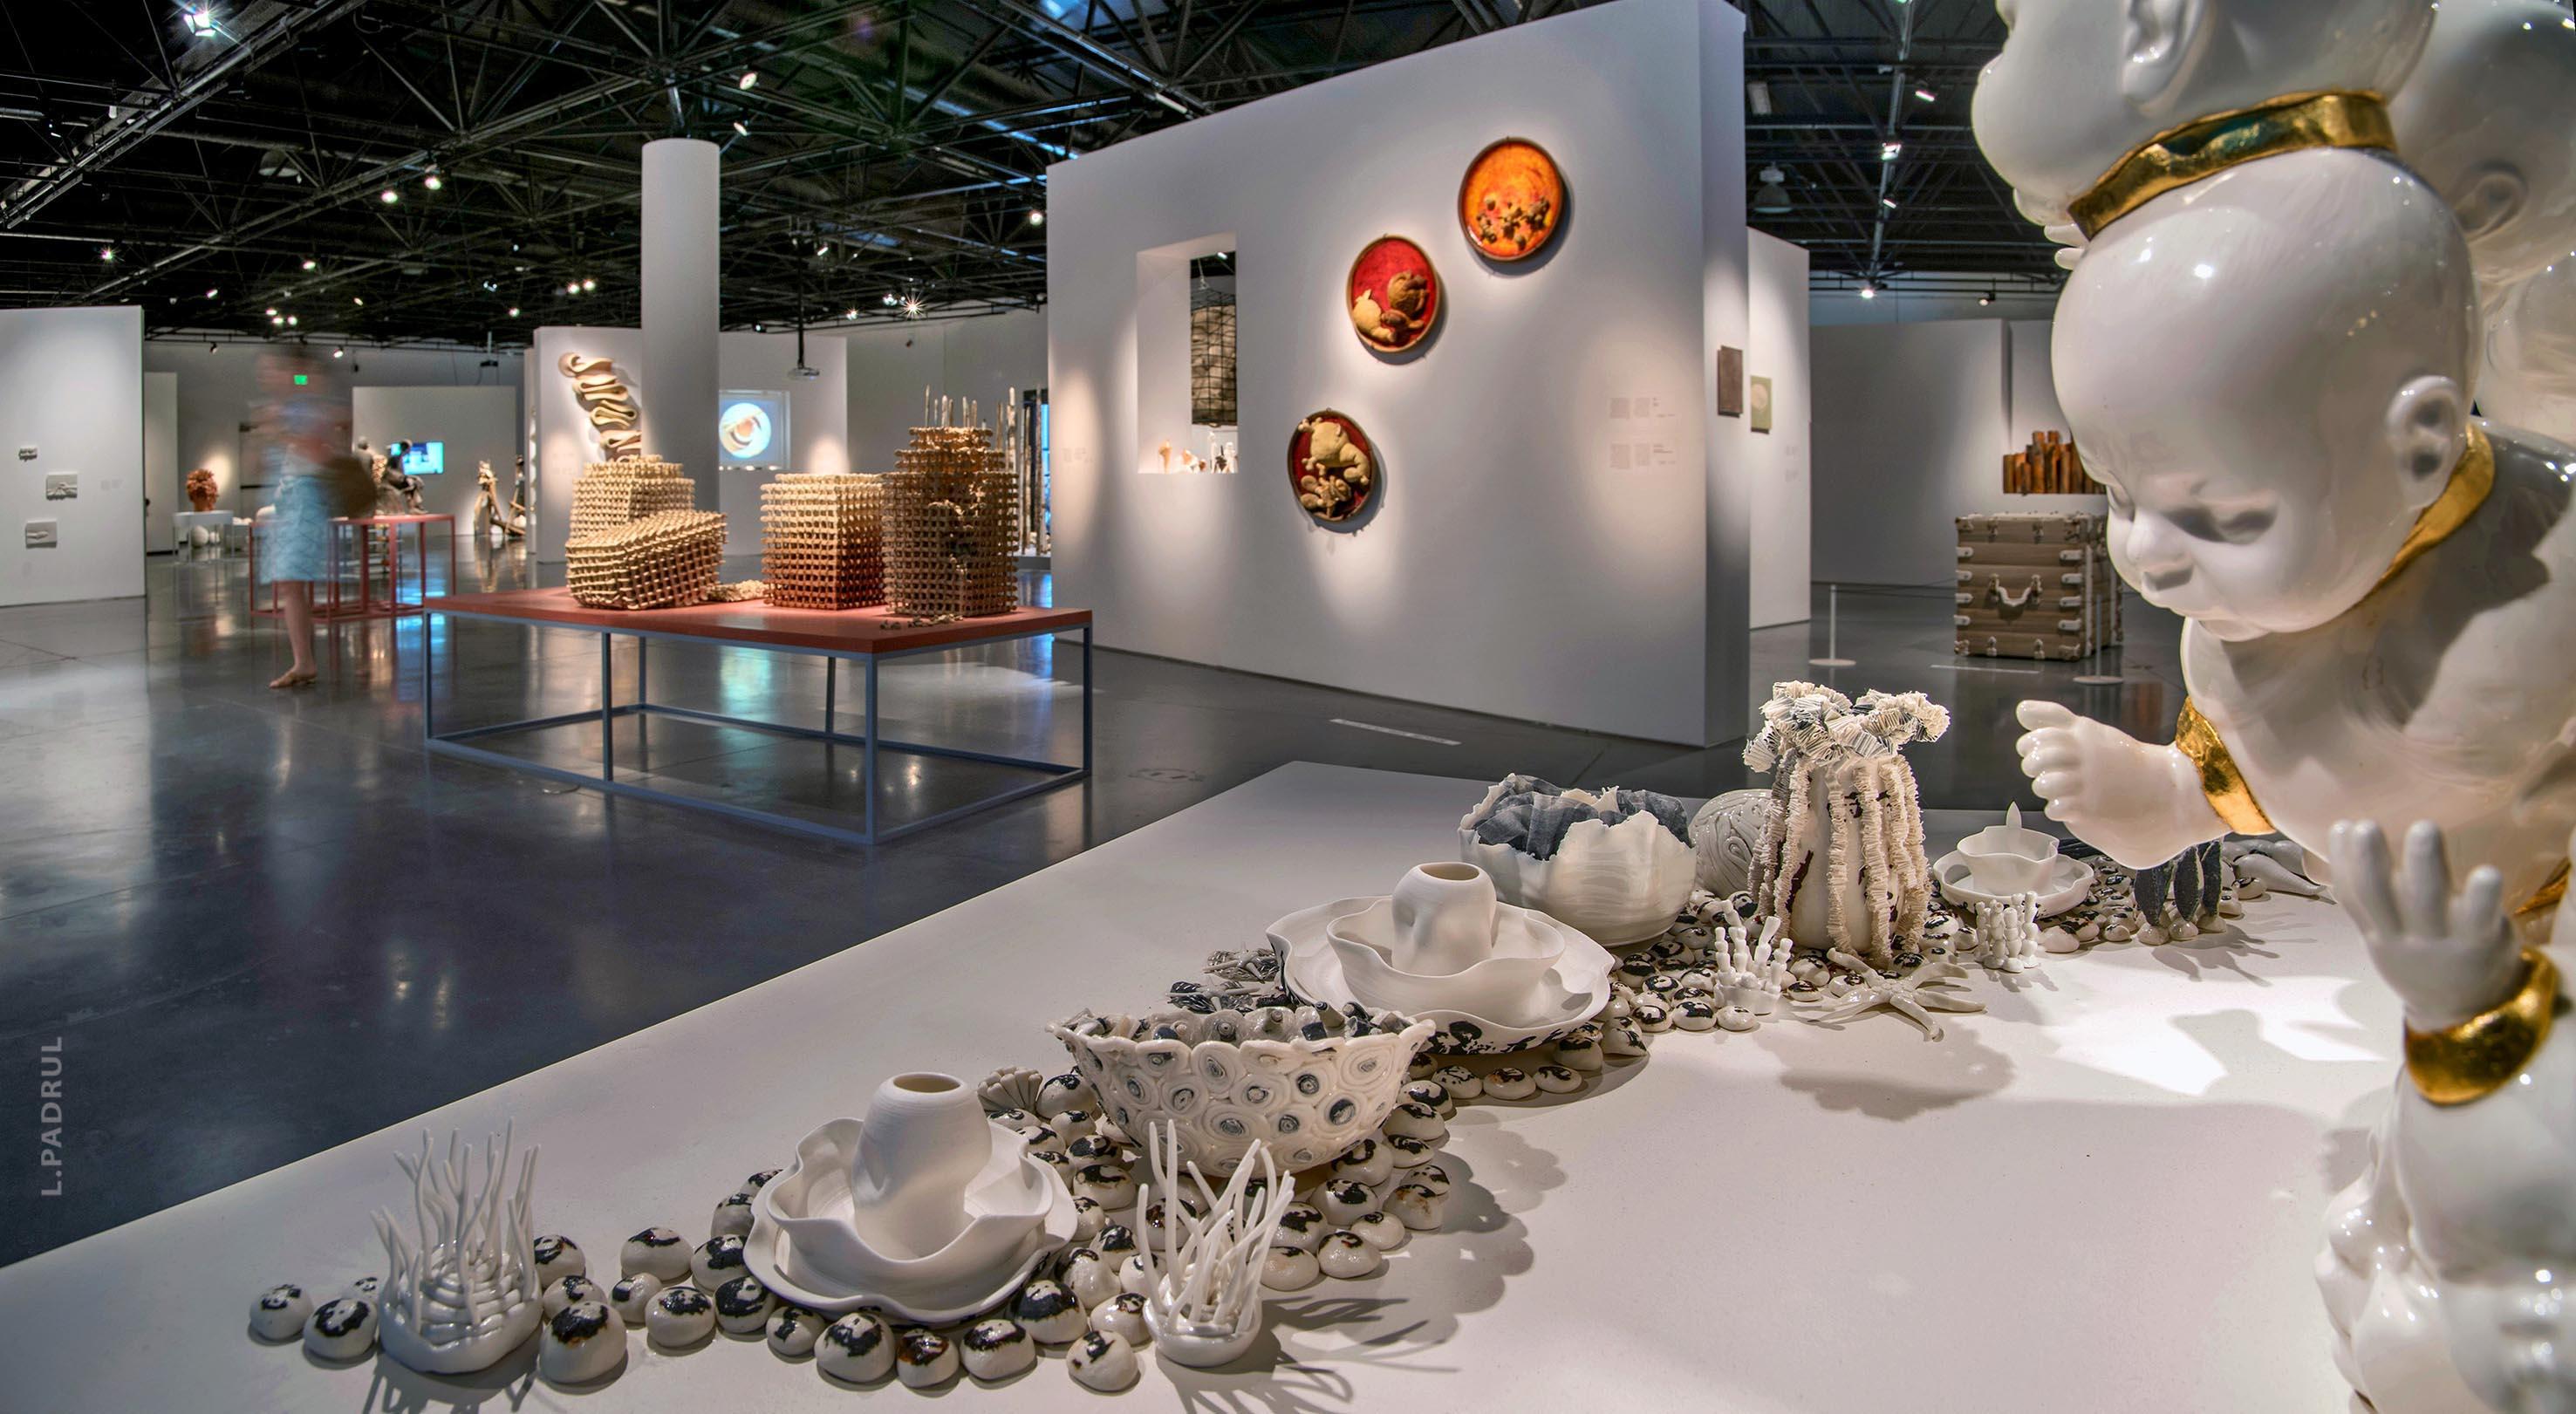 מראה הצבה מתוך התערוכה. צילום: ליאוניד פדרול, מוזיאון ארץ ישראל